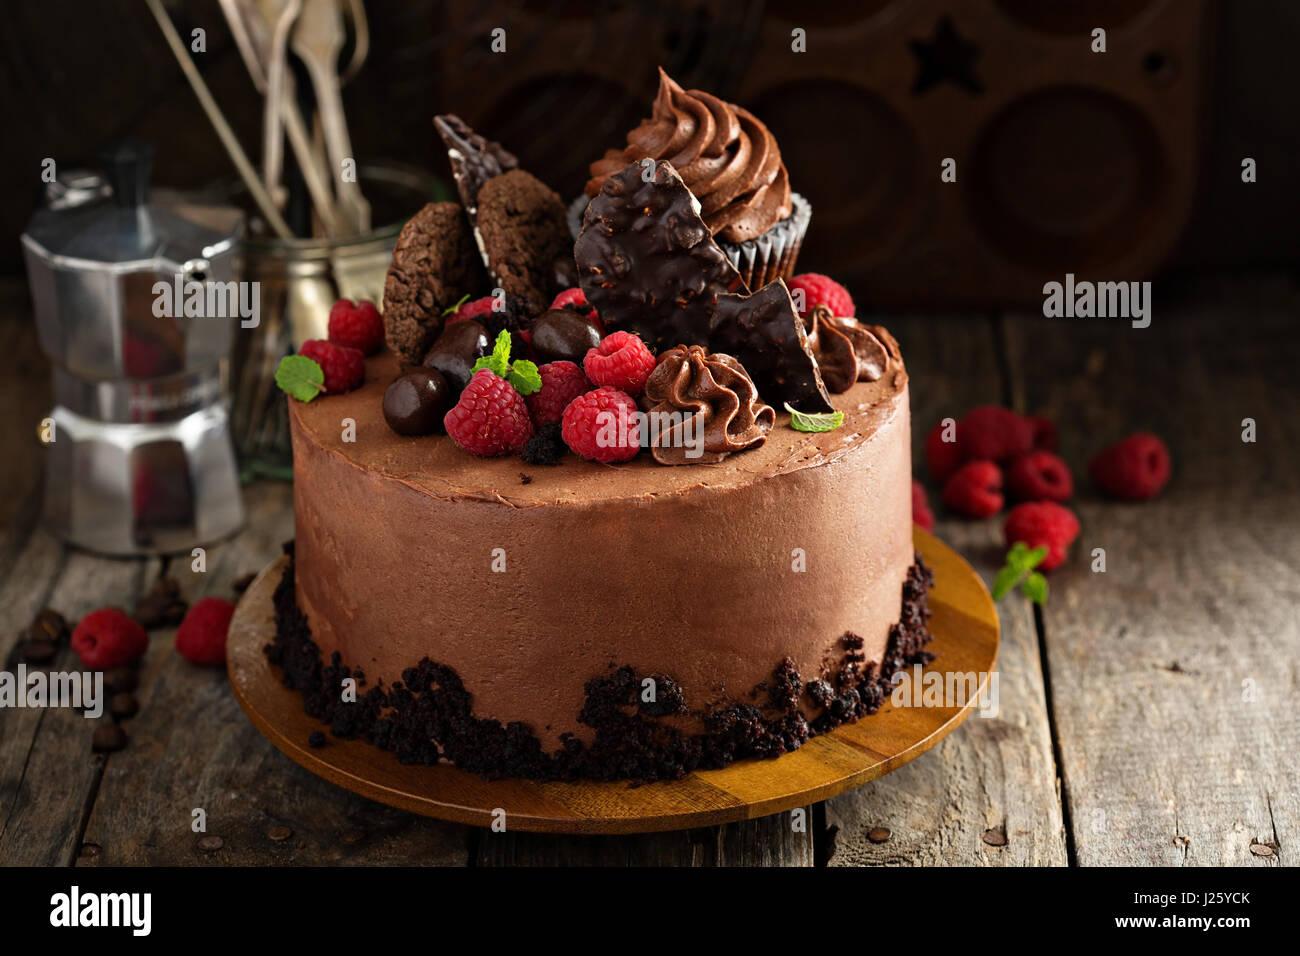 Schokoladenkuchen mit Ganache Glasur, festliche Dekorationen und Himbeere Stockbild